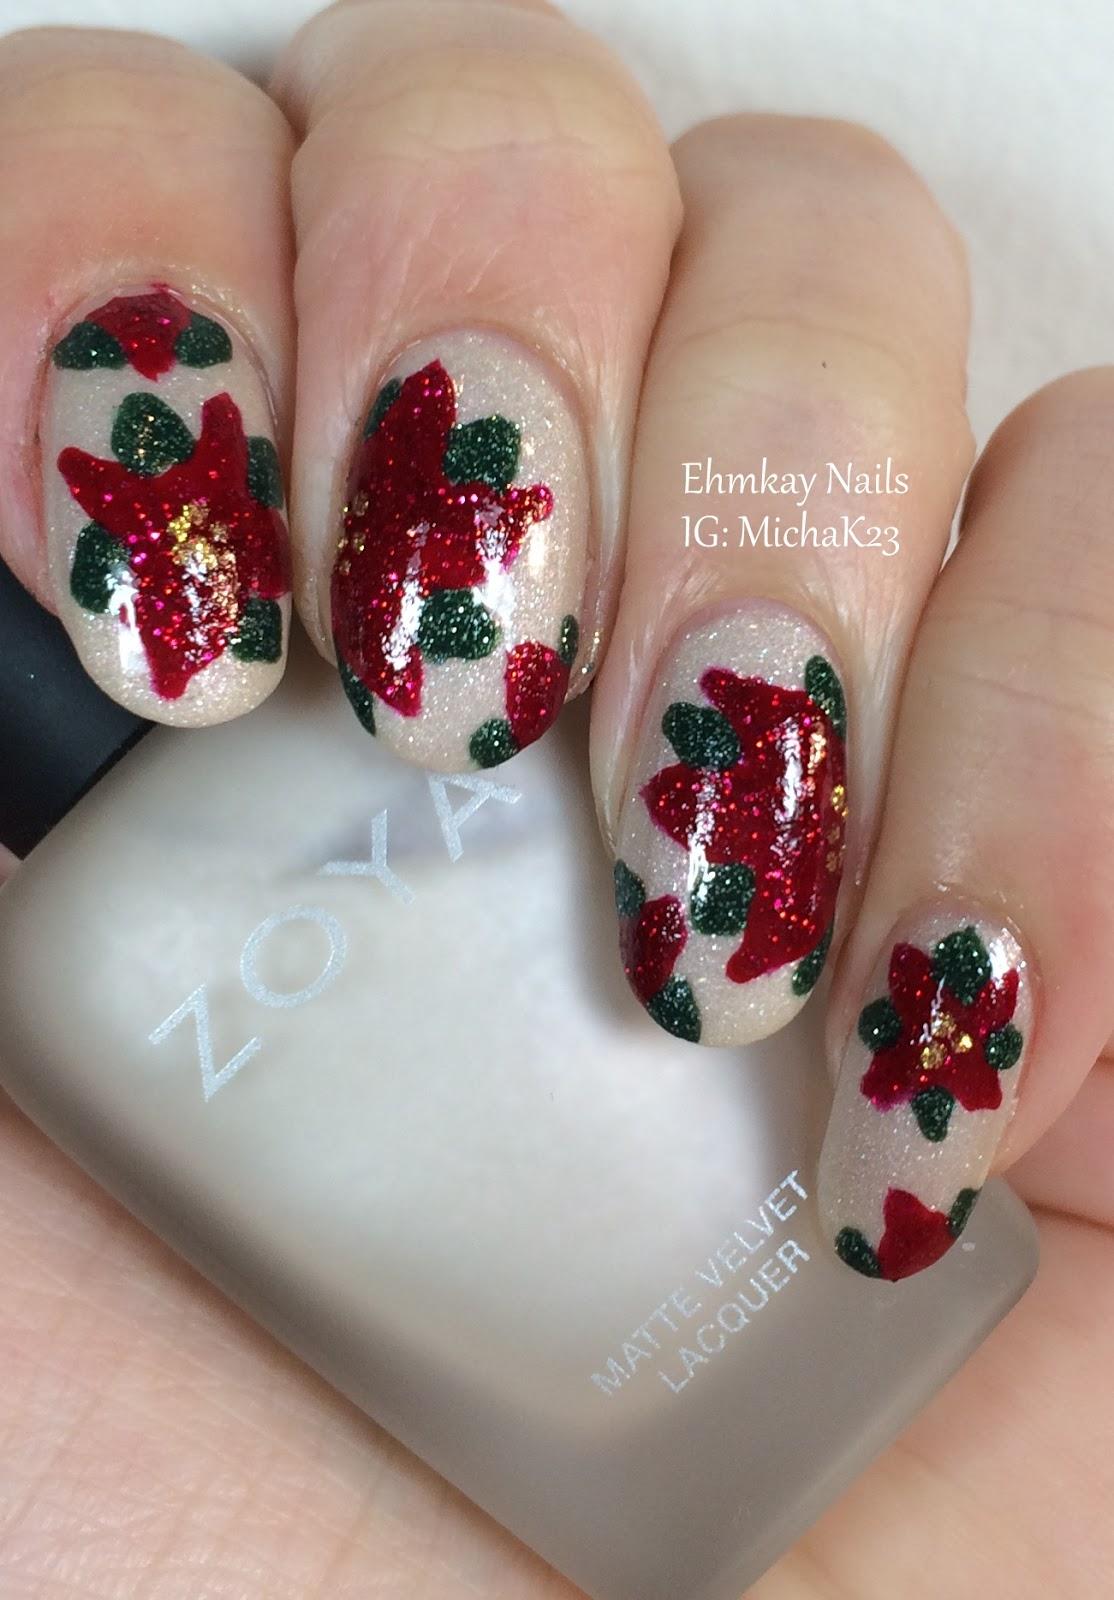 Ehmkay Nails: Christmas Poinsettia Nail Art With Zoya Nail